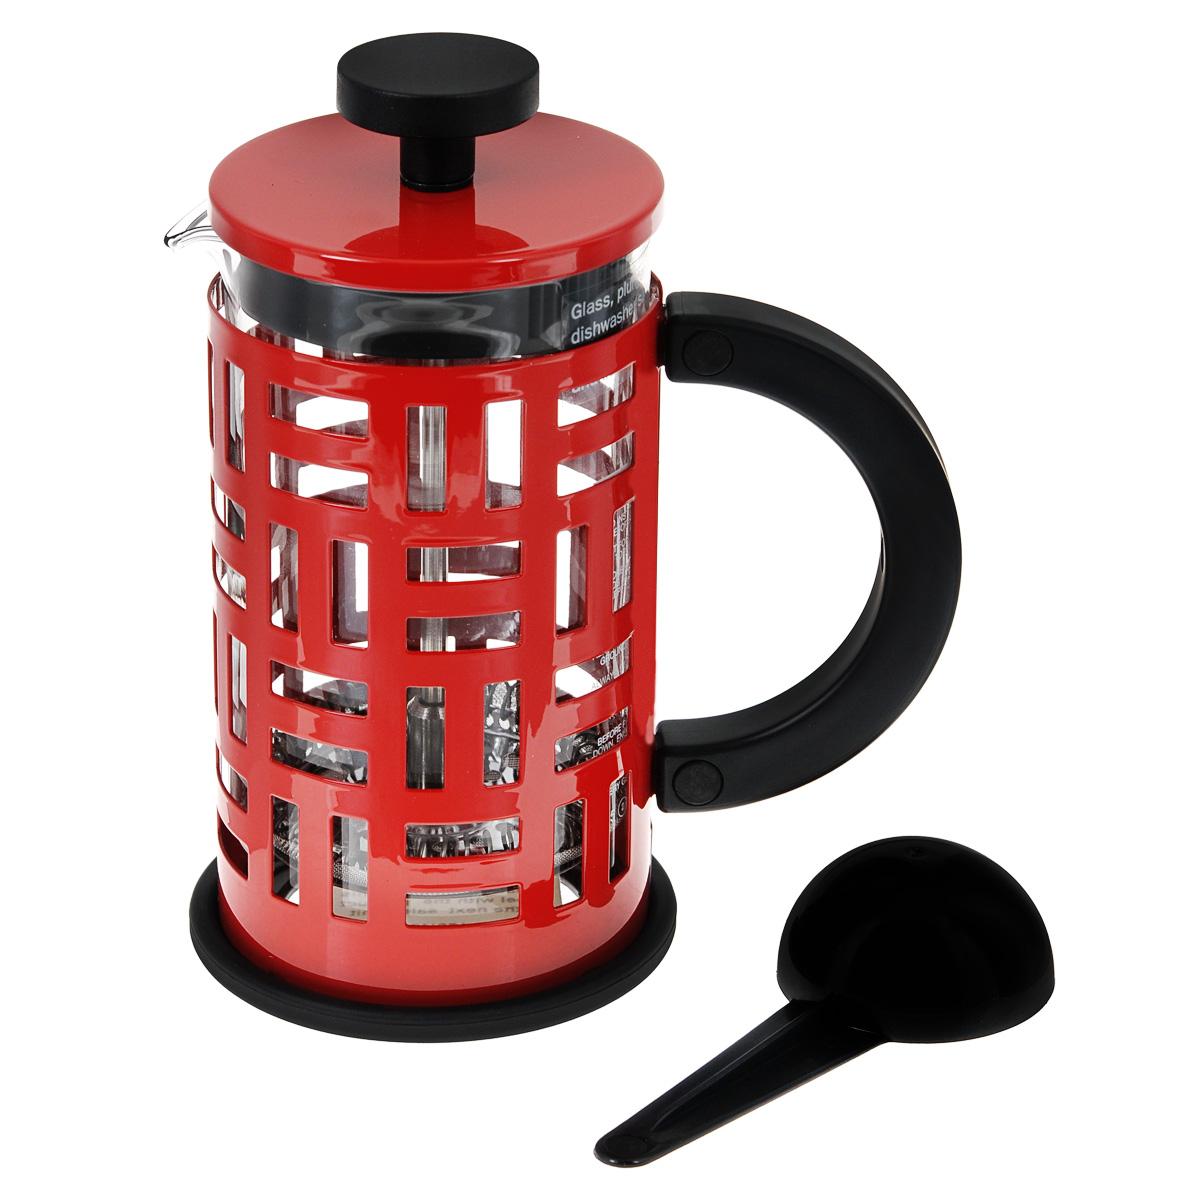 Кофейник Bodum Eileen с прессом, цвет: красный, 350 мл115510Кофейник Bodum Eileen имеет жаропрочный, теплосберегающий узкий стеклянный цилиндр и поршень, нижняя часть которого соединена с сетчатым металлическим фильтром. Кофейник изготовлен на основе технологии «френч-пресс». Кофейник Bodum Eileen имеет удобную ручку, изготовленную из пластика. Коспус кофейника, изготовлен из нержавеющей стали, в оригинальном стиле. Свое название кофейник приобрел, благодаря гениальному дизайнеру Эйлин Грей (Eileen Gray) .Стиль Эйлин, схож со стилем Bodum. Она работала с металлом и создавала простые и лаконичные формы. Кофейник можно наблюдать во многих кафе Парижа. Кофейник с прессом Bodum Eileen добавит вашему домашнему интерьеру французского шарма. Не применять на плите. Мешать кофе пластмассовой ложкой (входит в комплект). Сильно не давить на пресс. Все детали пригодны для мытья в посудомоечной машине. Диаметр чайника: 8 см. Высота: 16,5 см.